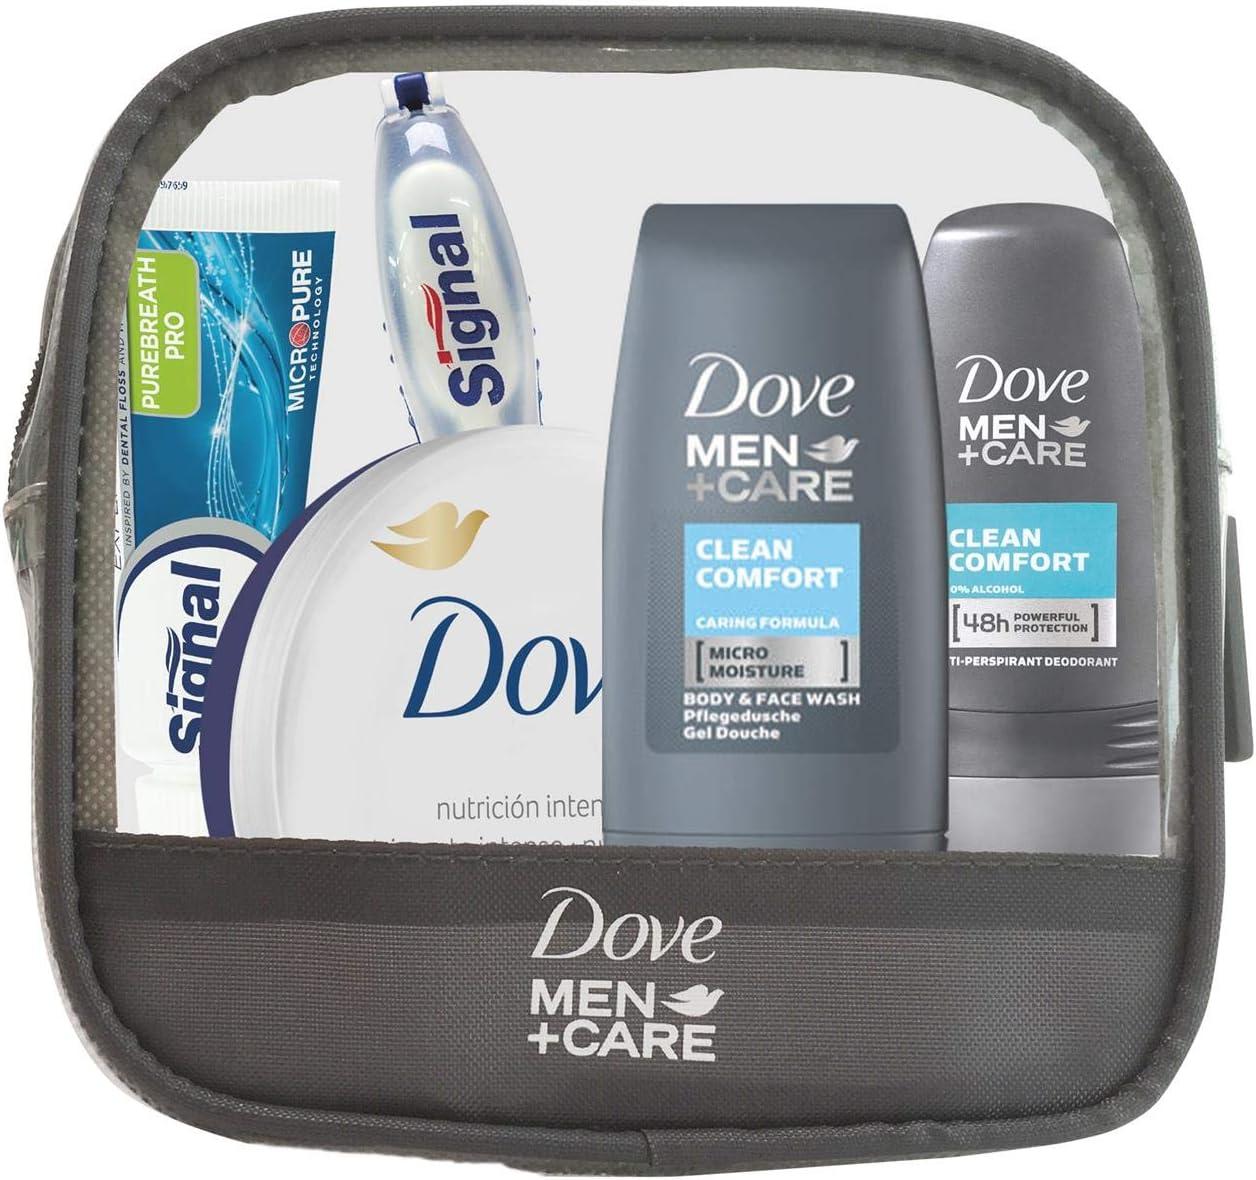 Dove Men+Care Mini neceser viaje: Amazon.es: Belleza